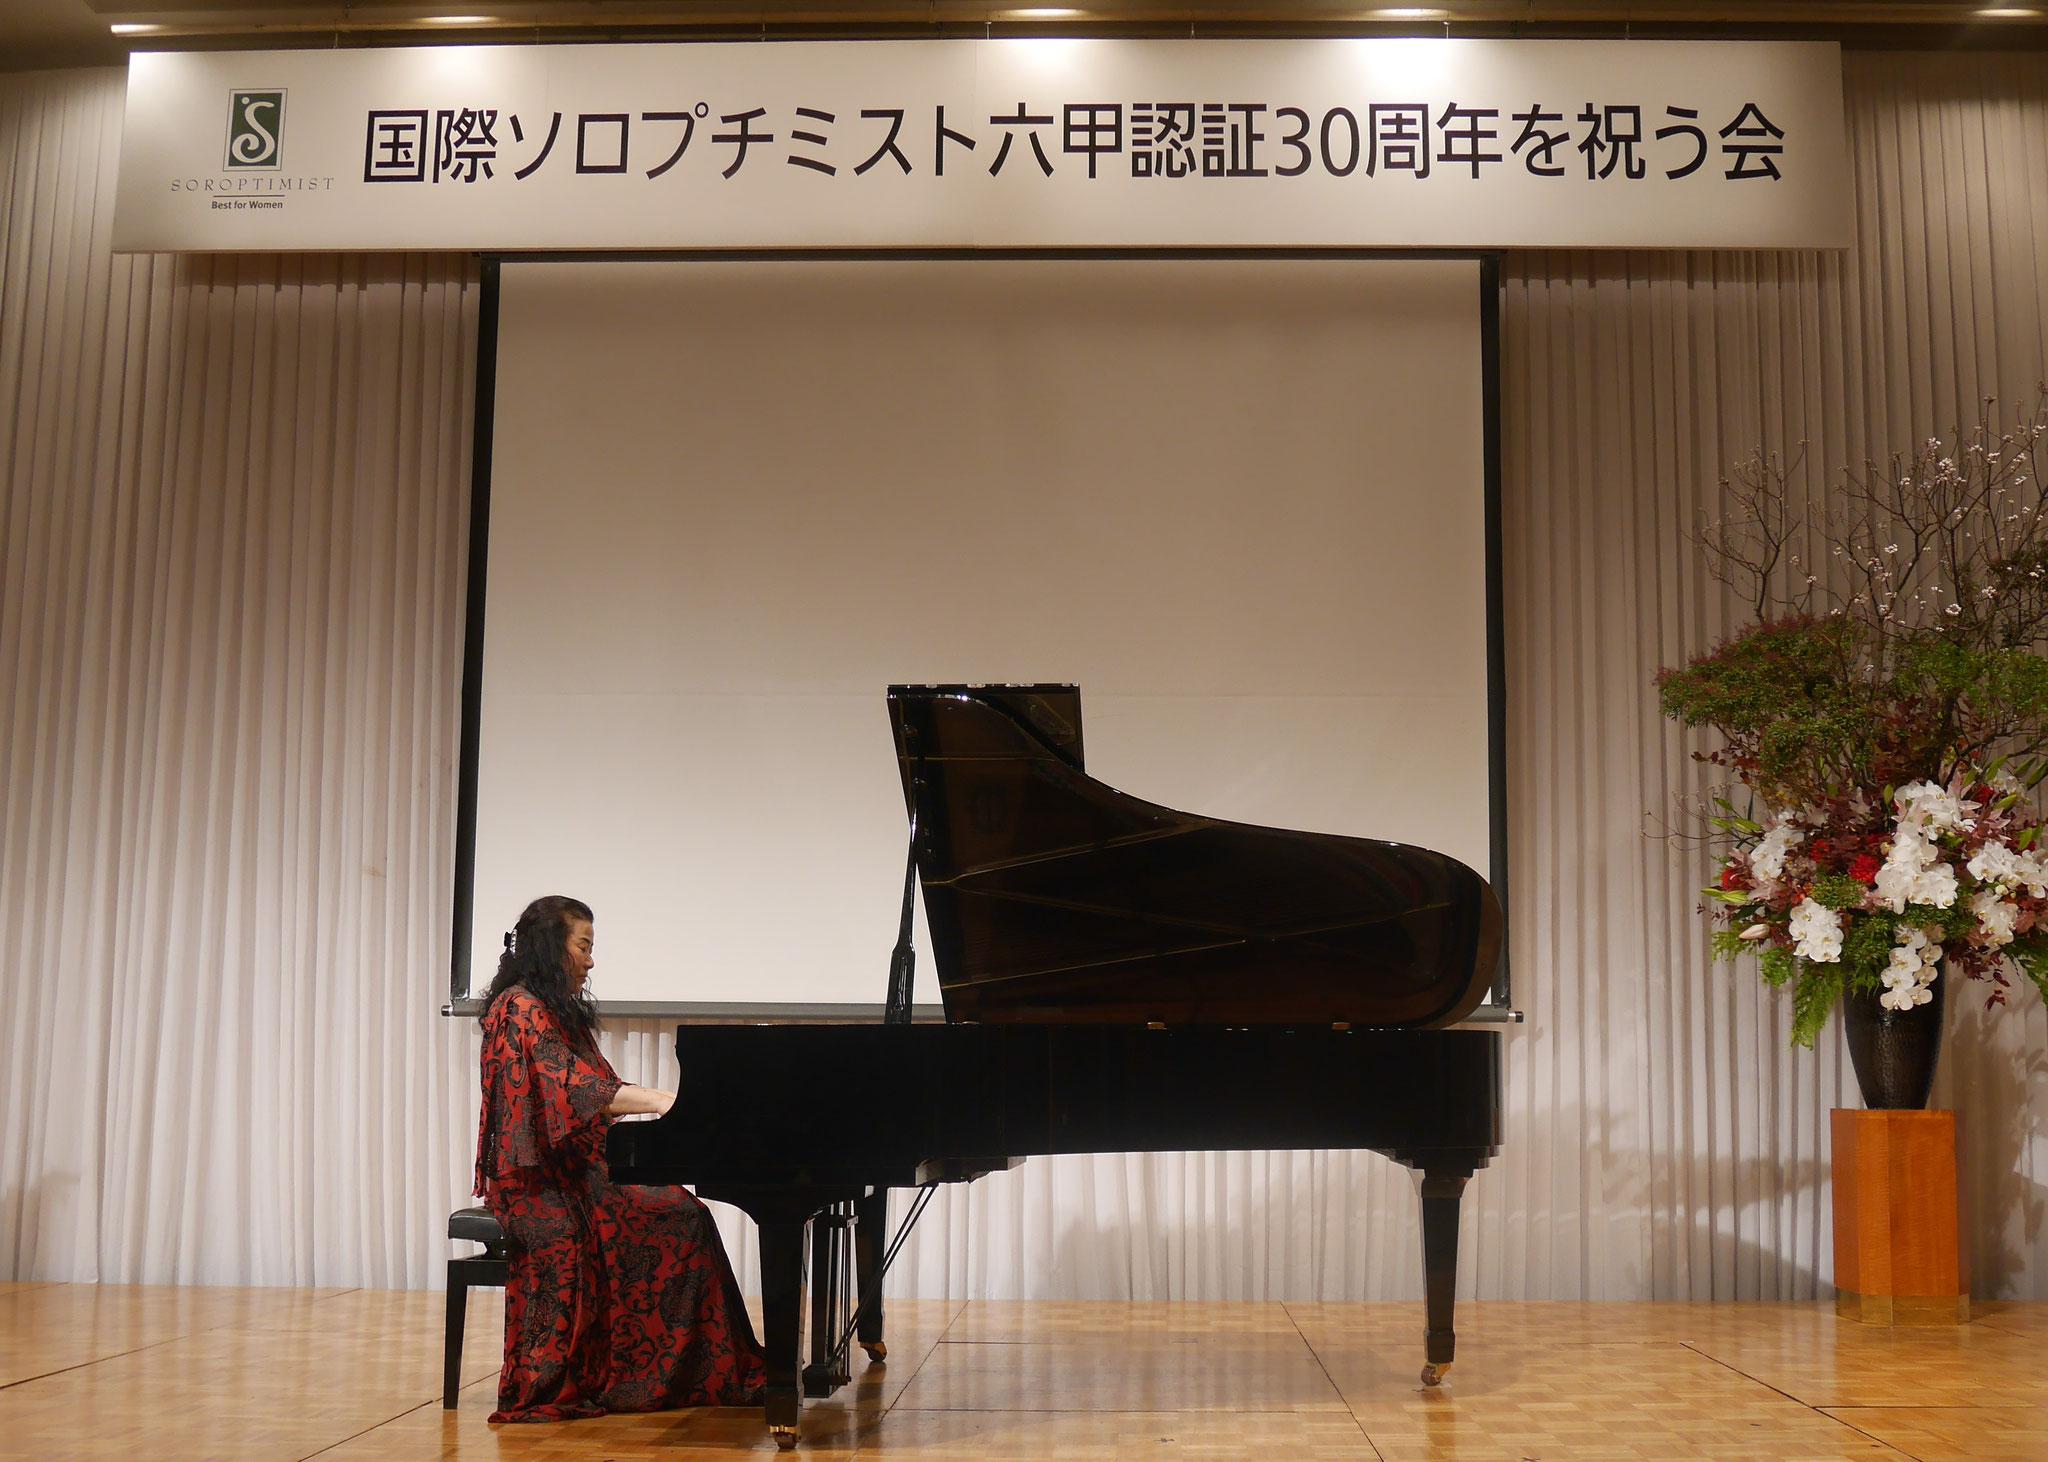 ピアノコンサート 久本祐子